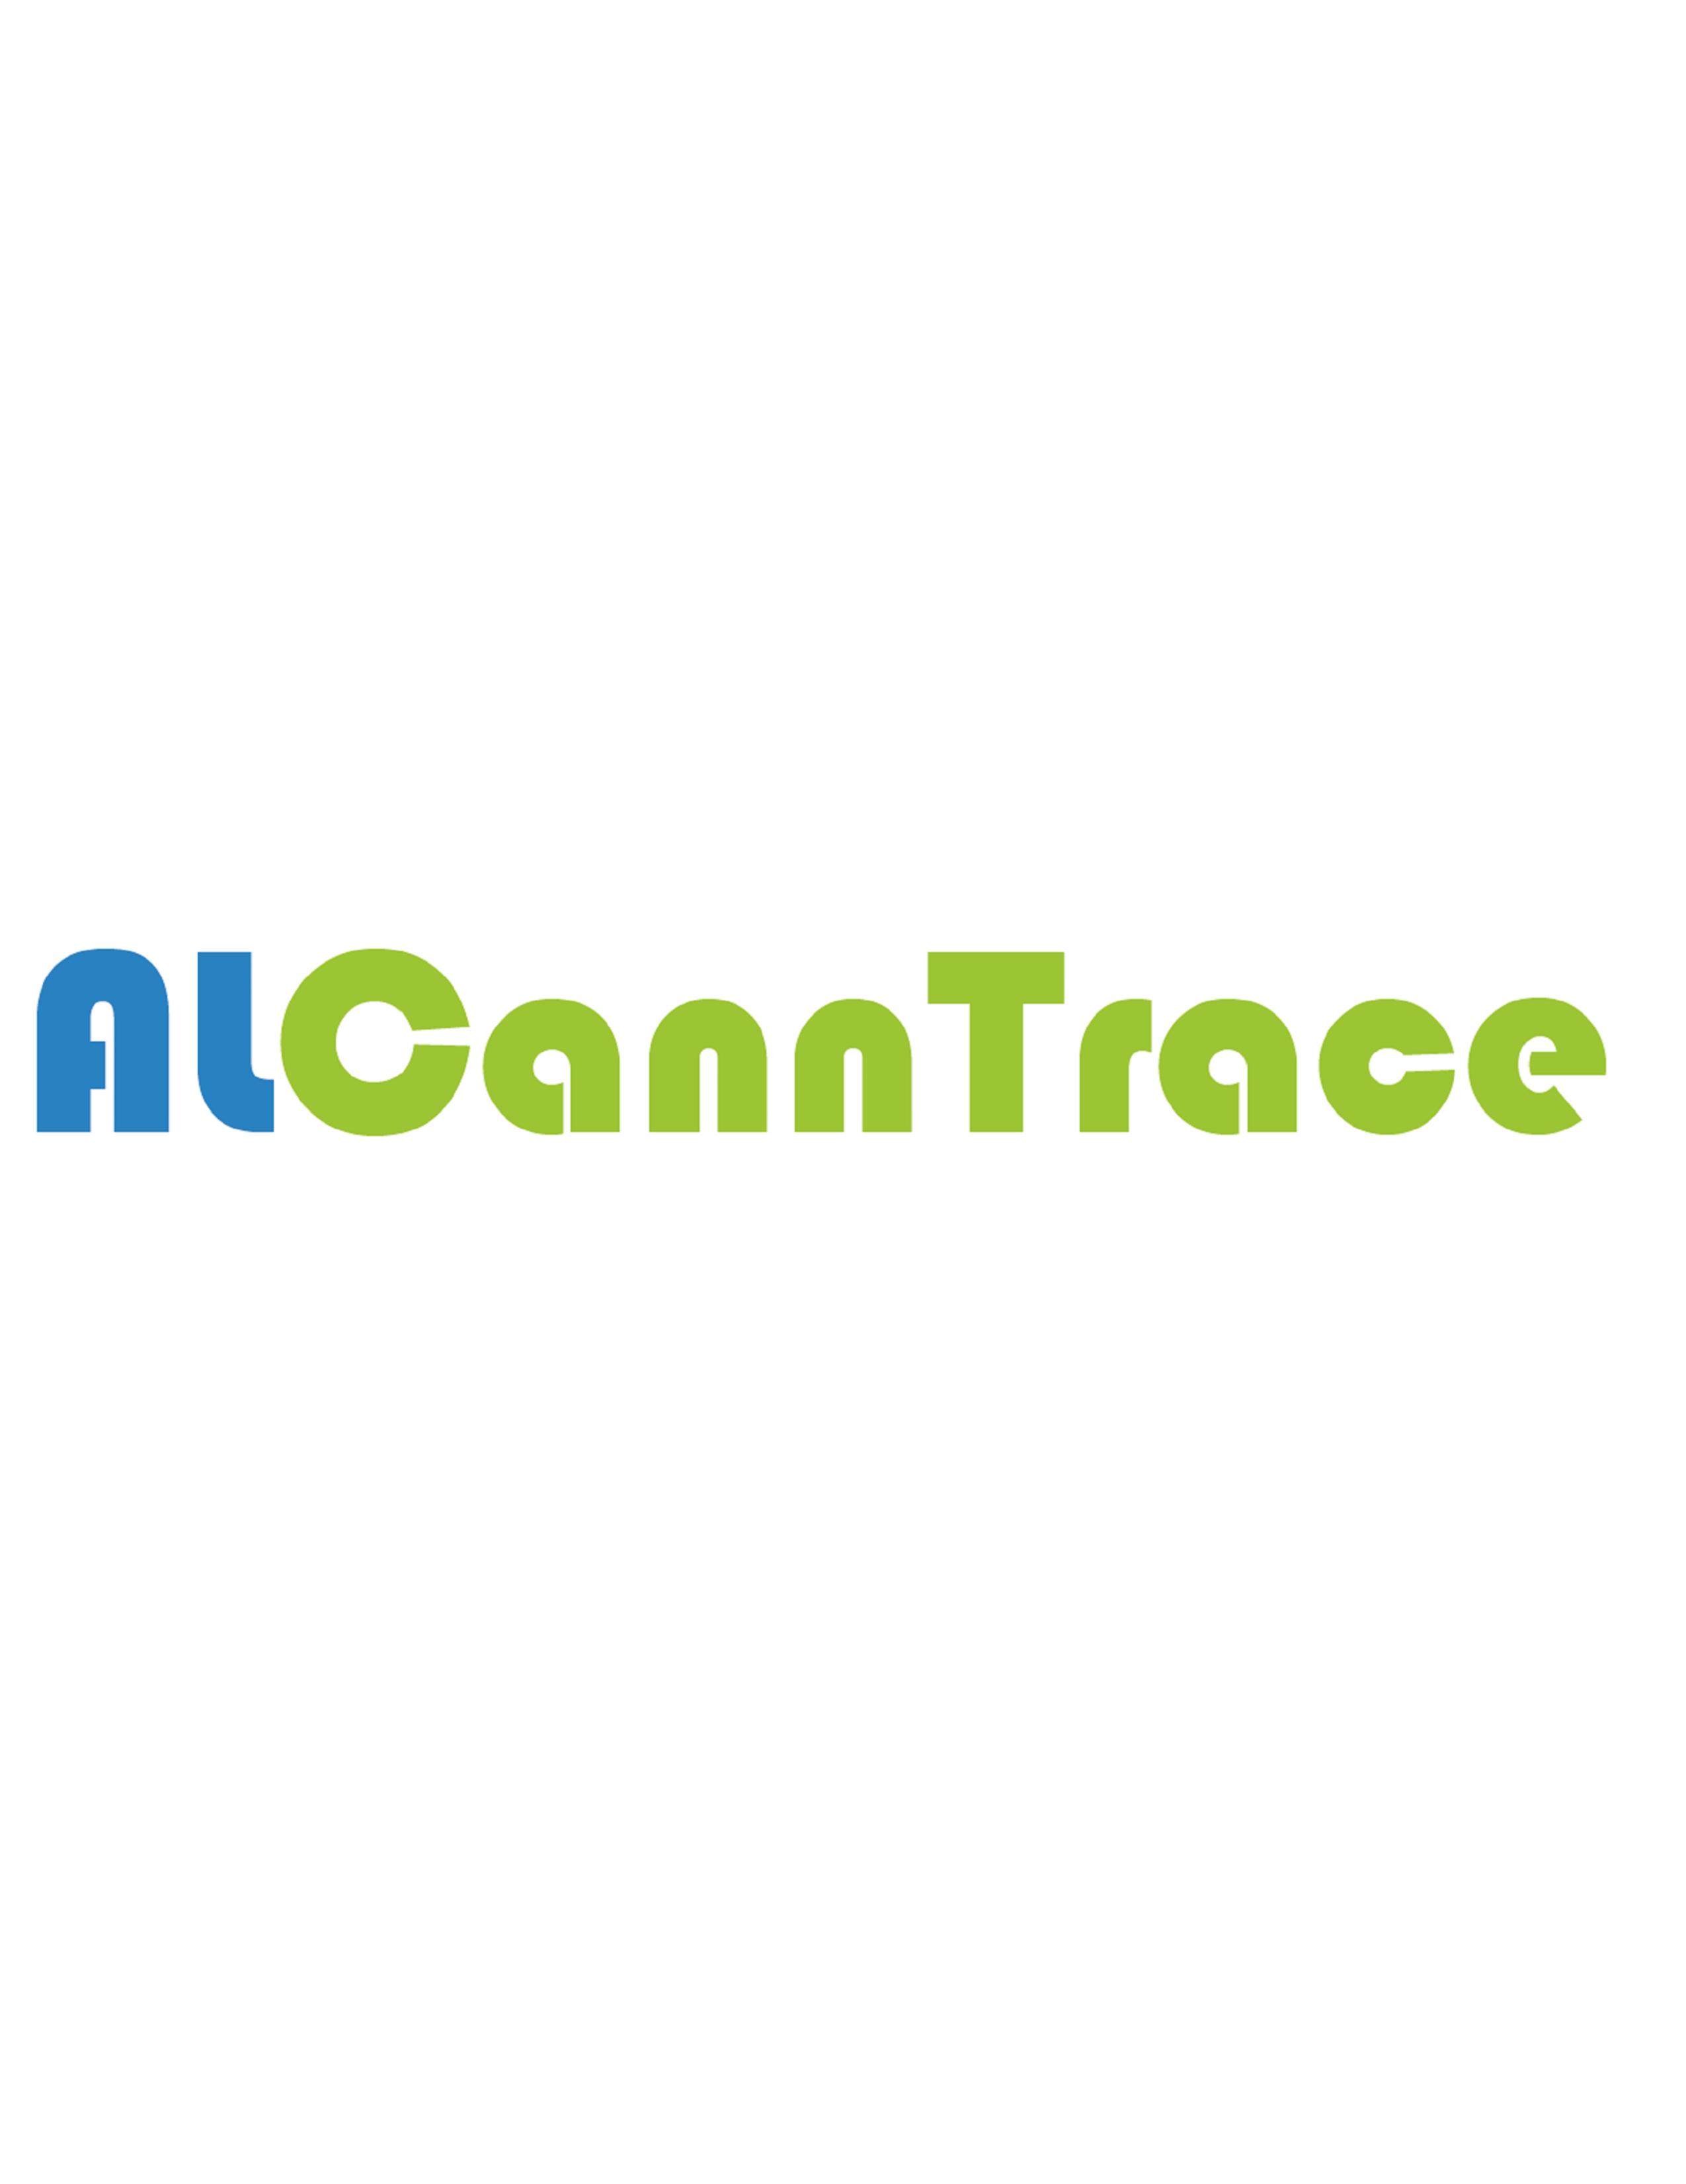 alcanntrace_logo_cell